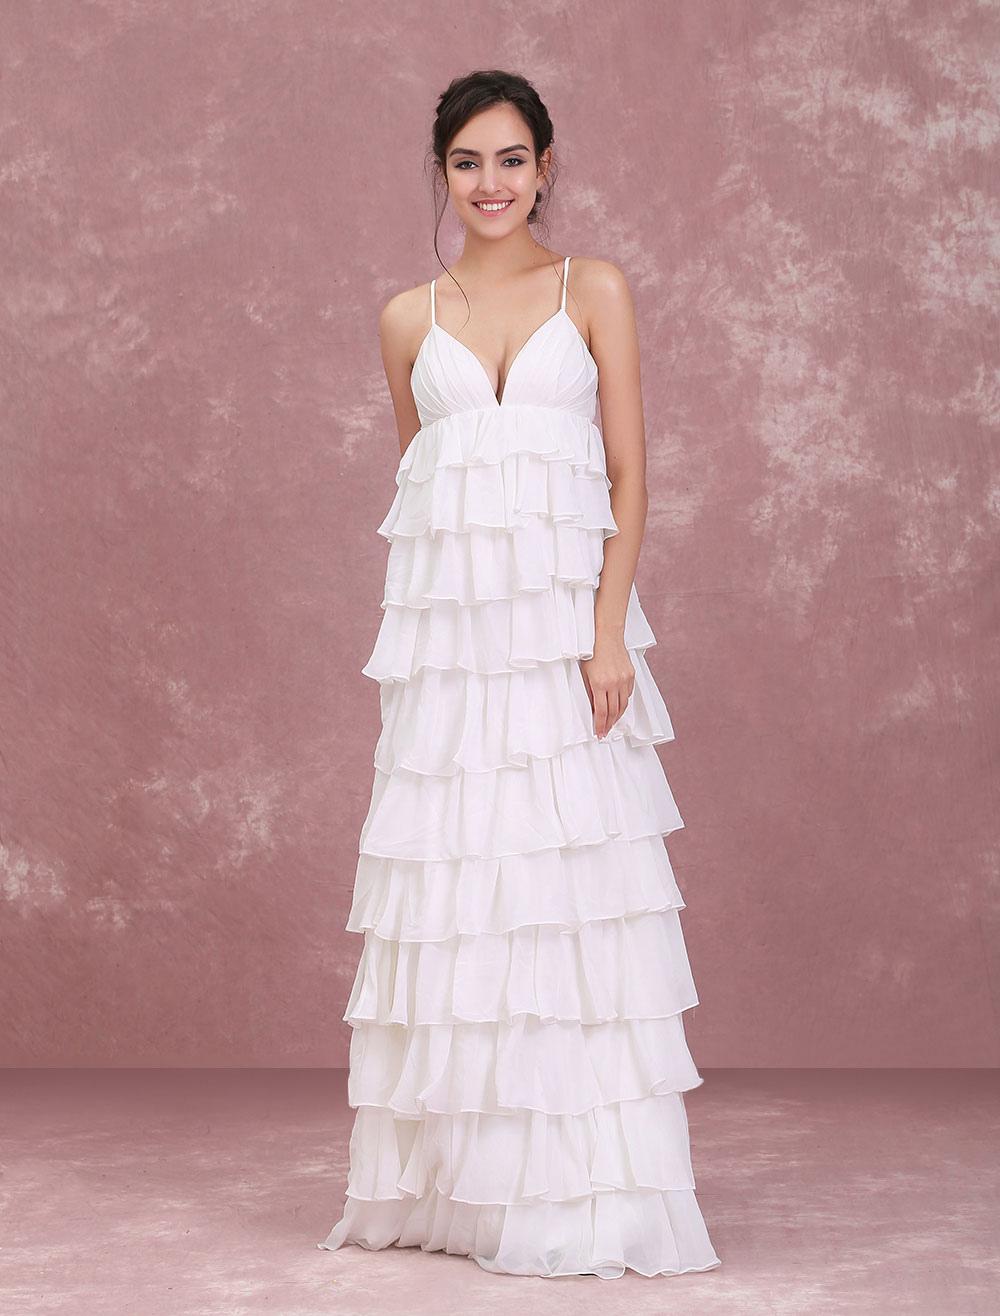 Strand Brautkleider Elfenbein V-ausschnitt Boho Hochzeitskleid ...